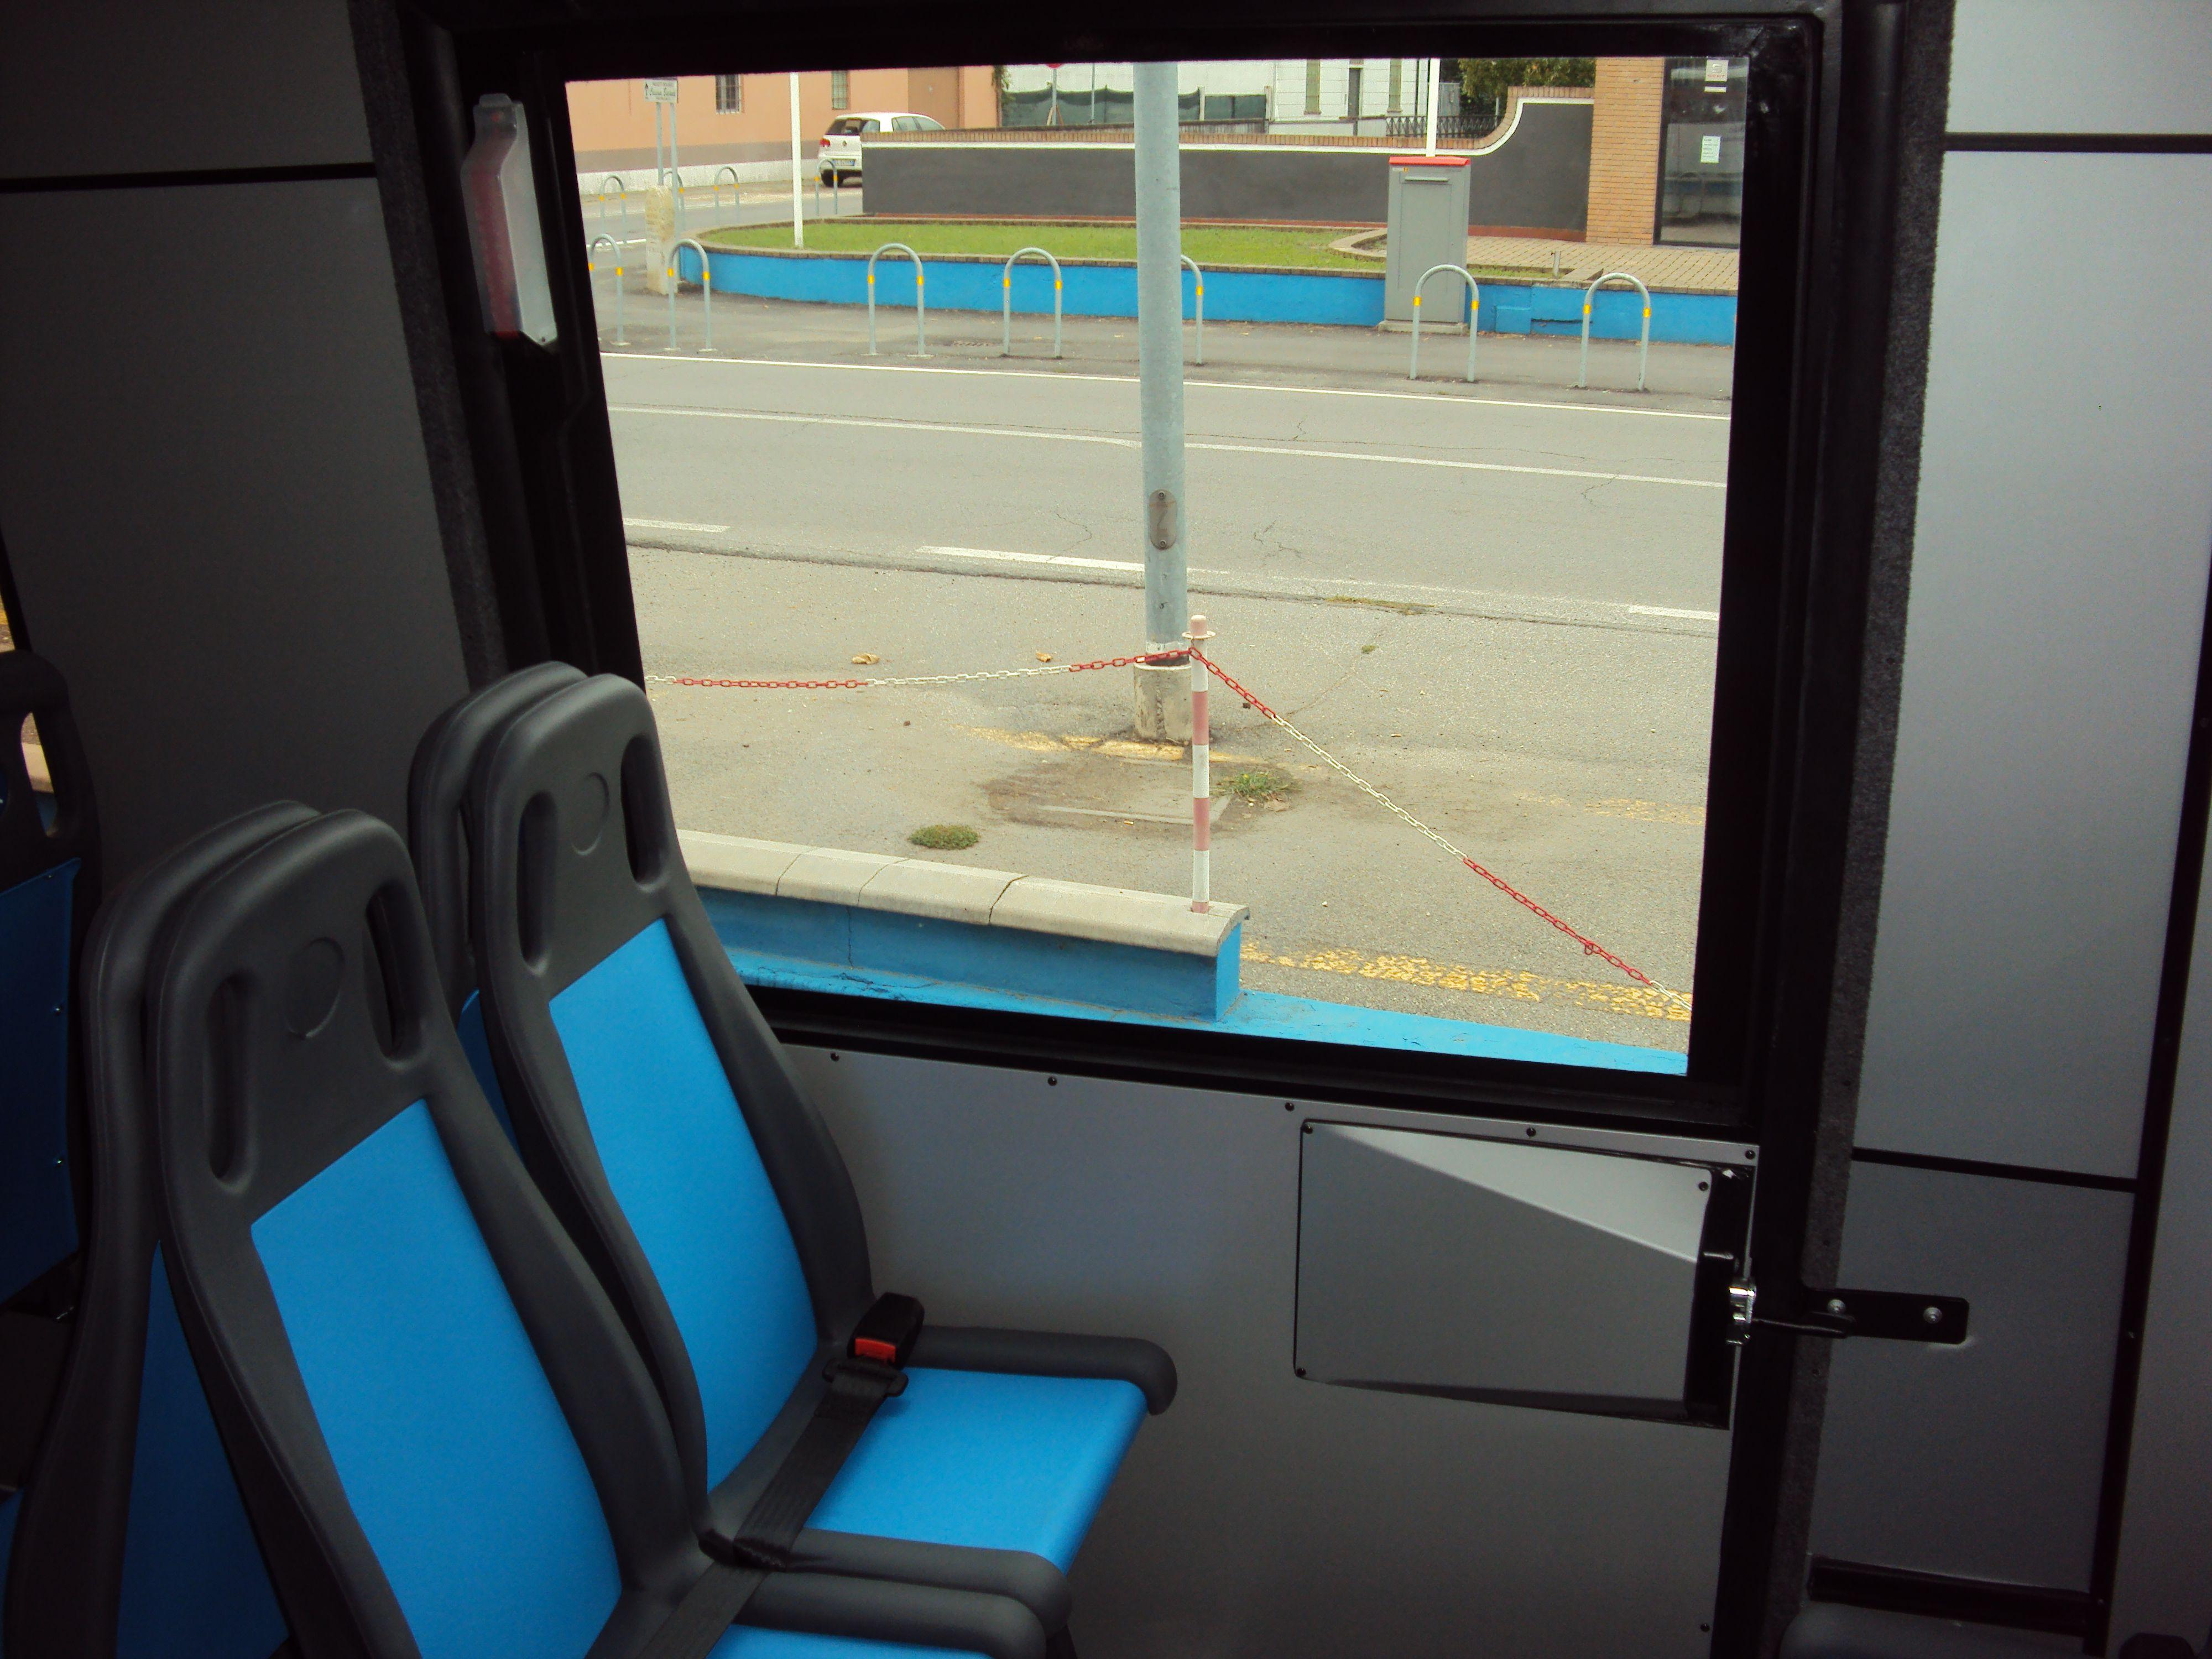 Posti per disabili di un bus